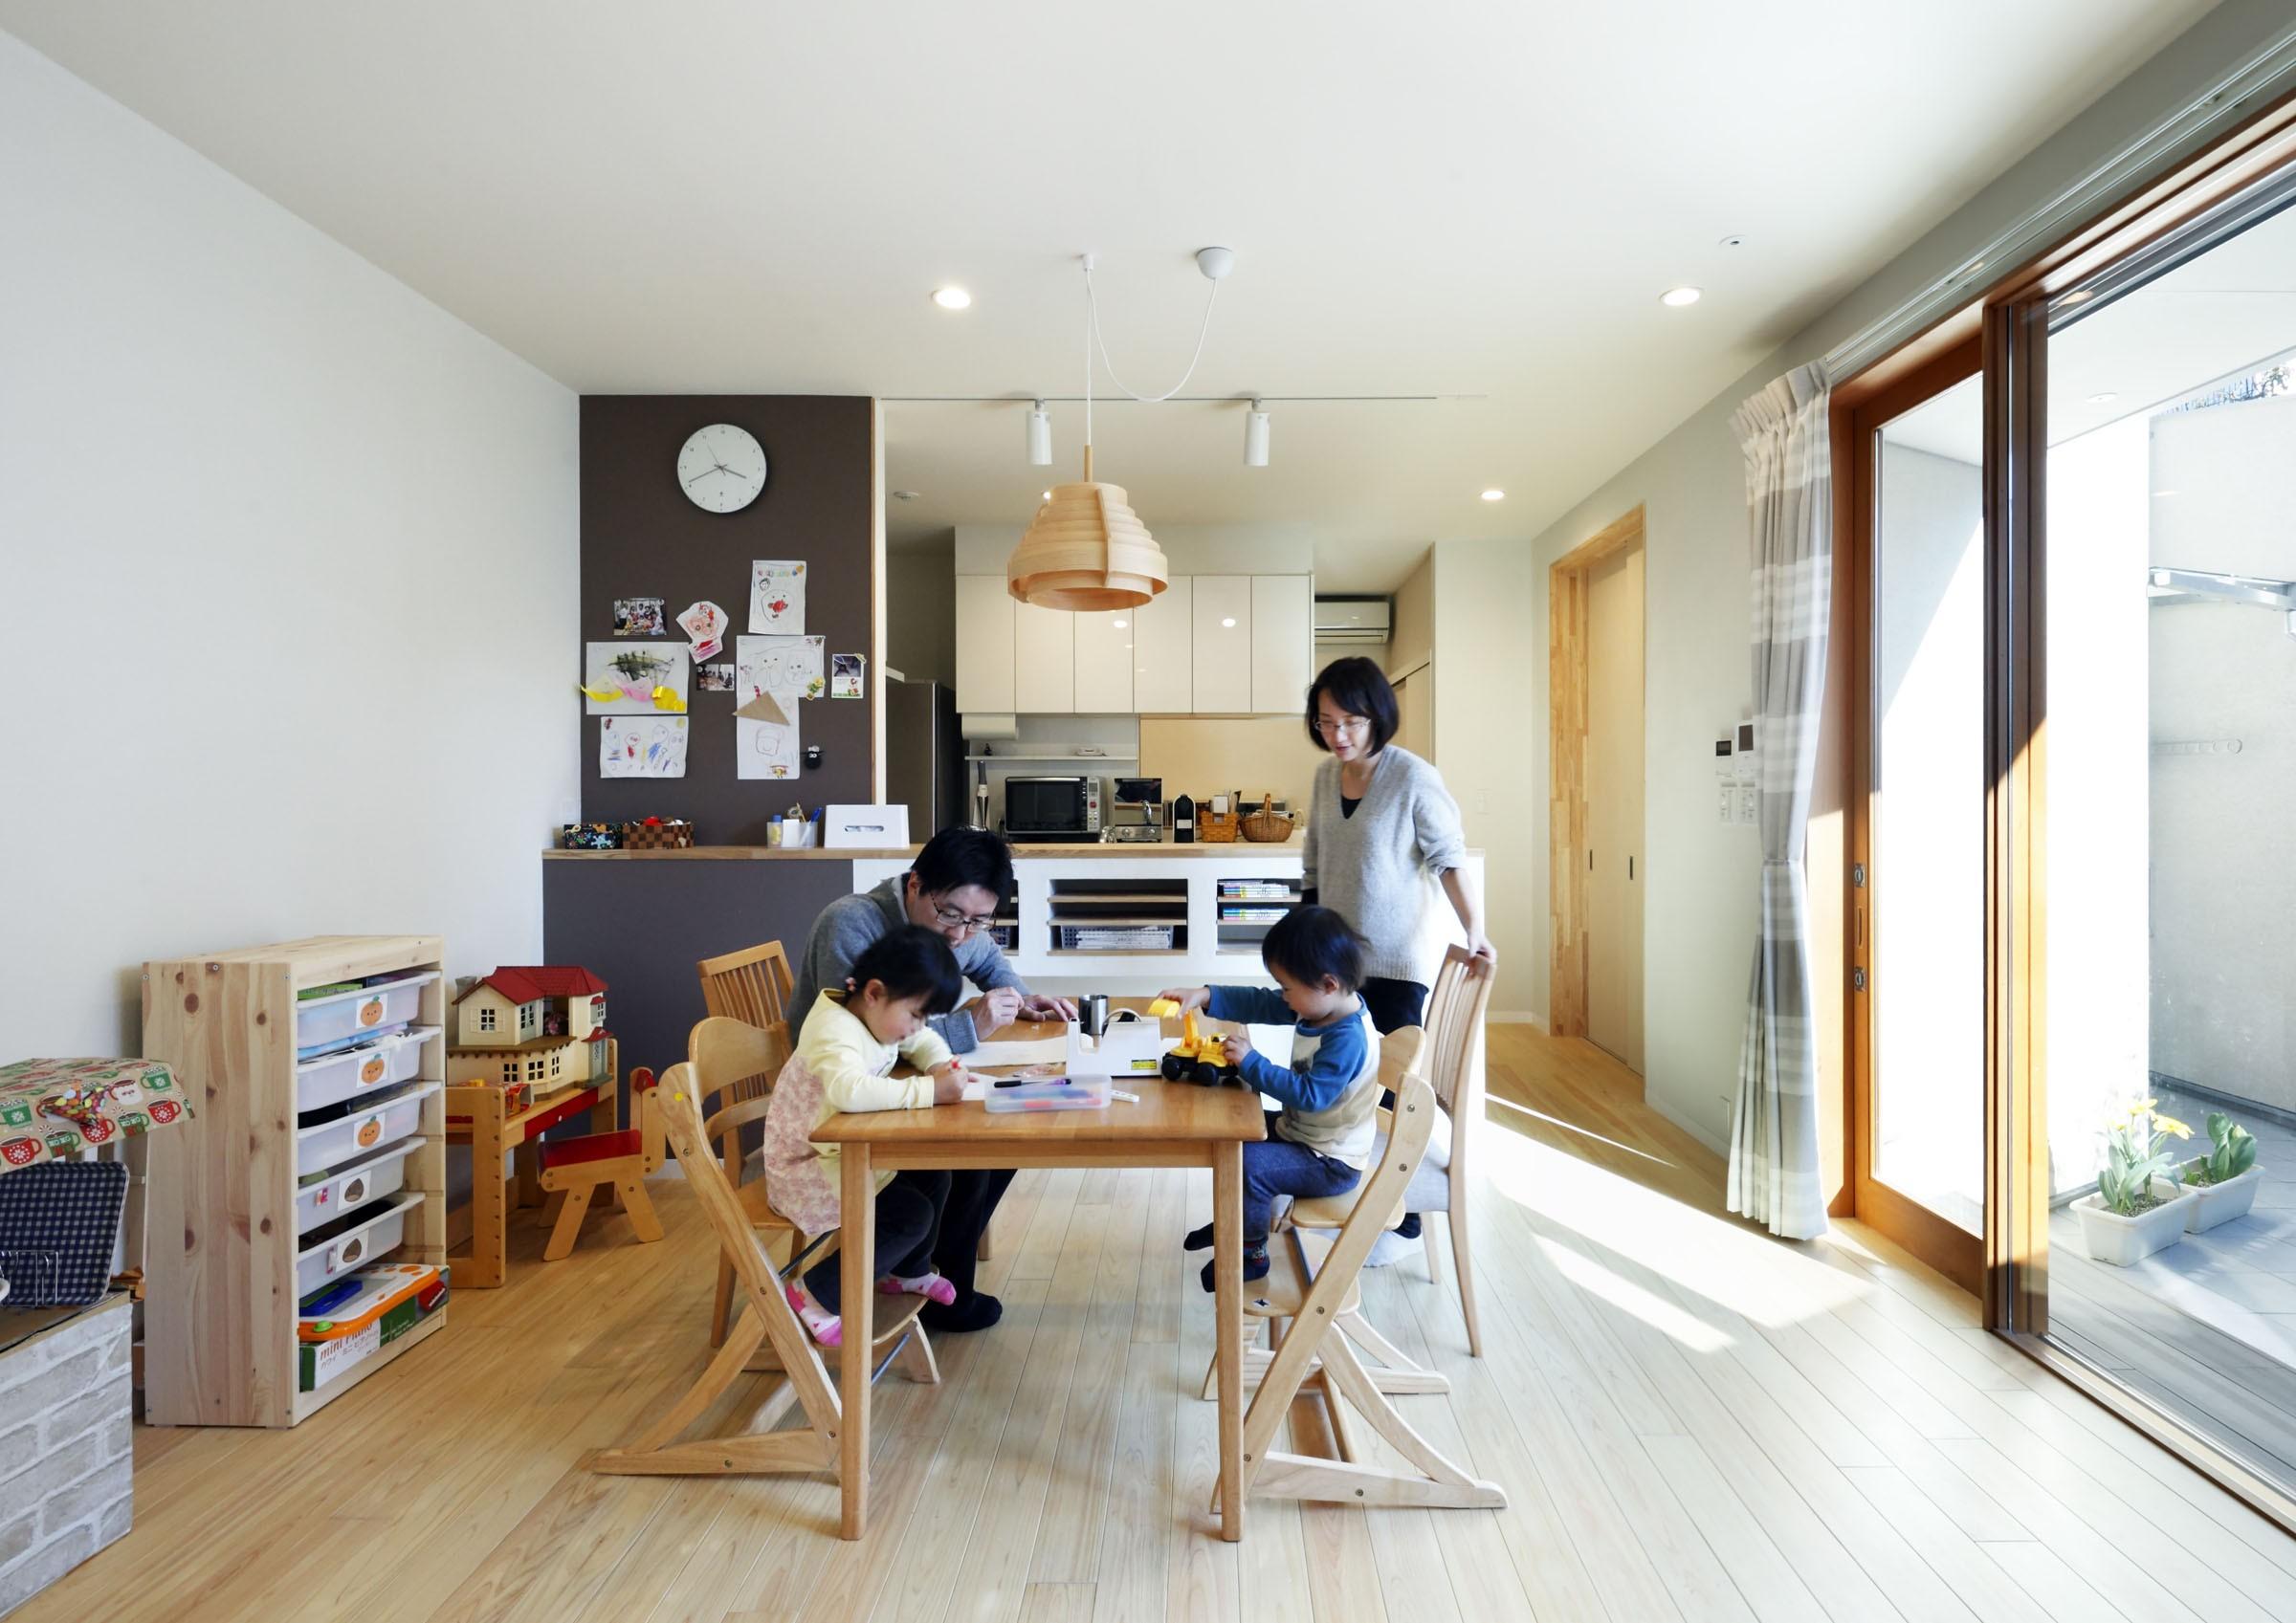 リビングダイニング事例:ダイニングとキッチン(中庭のある無垢な珪藻土の家 – 共働き世帯の家事効率を練りに練ったプラン –)